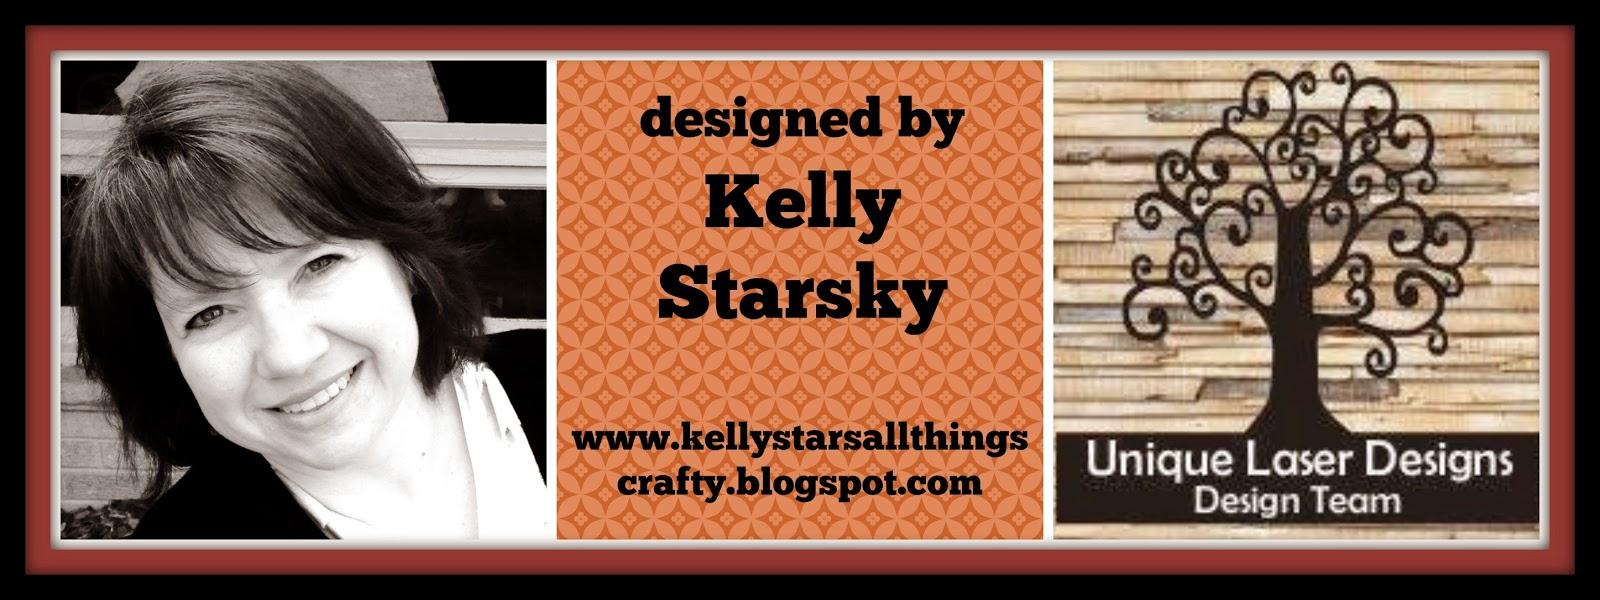 www.kellystarsallthingscrafty.blogspot.com